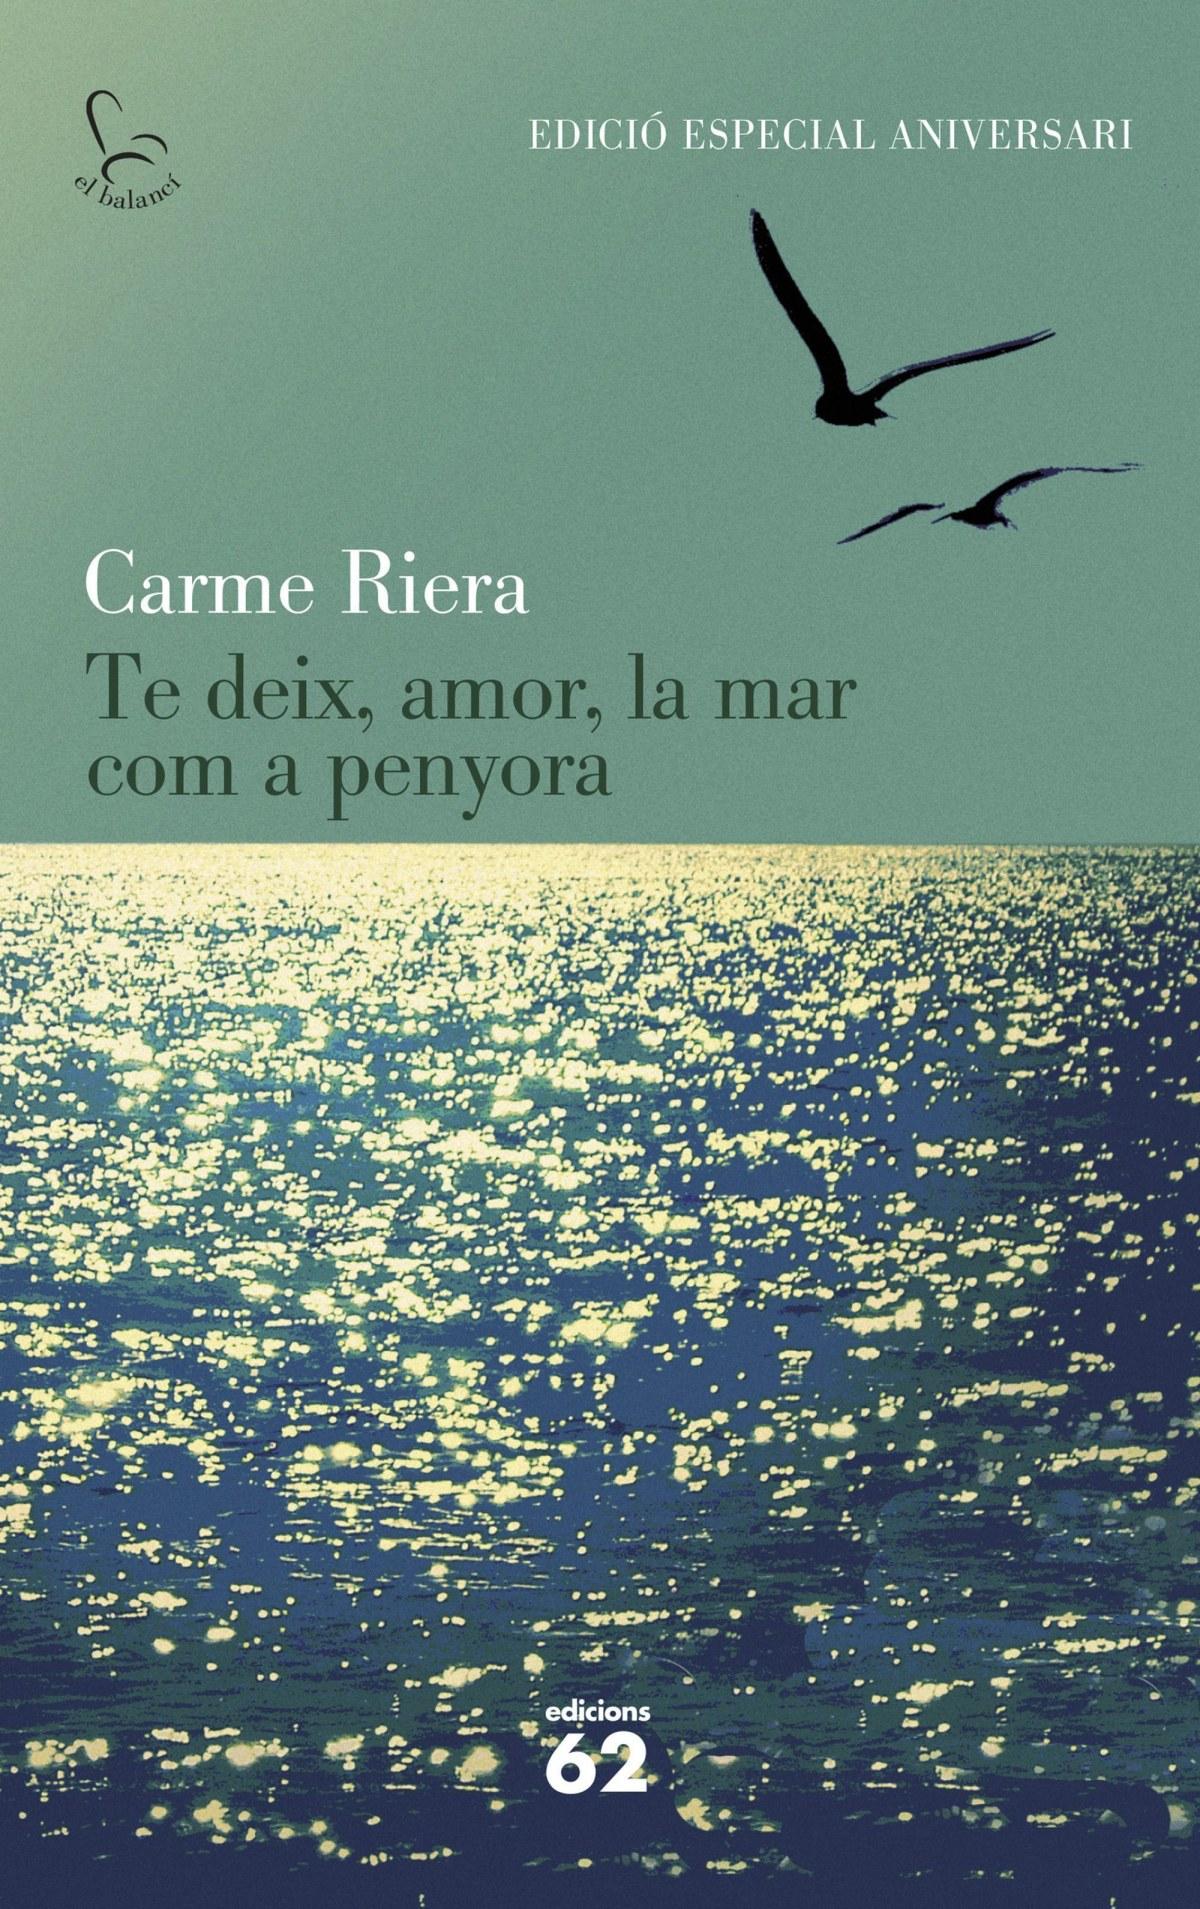 Te deix, amor, la mar com a penyora (Ed. Commemorativa) 9788429773842